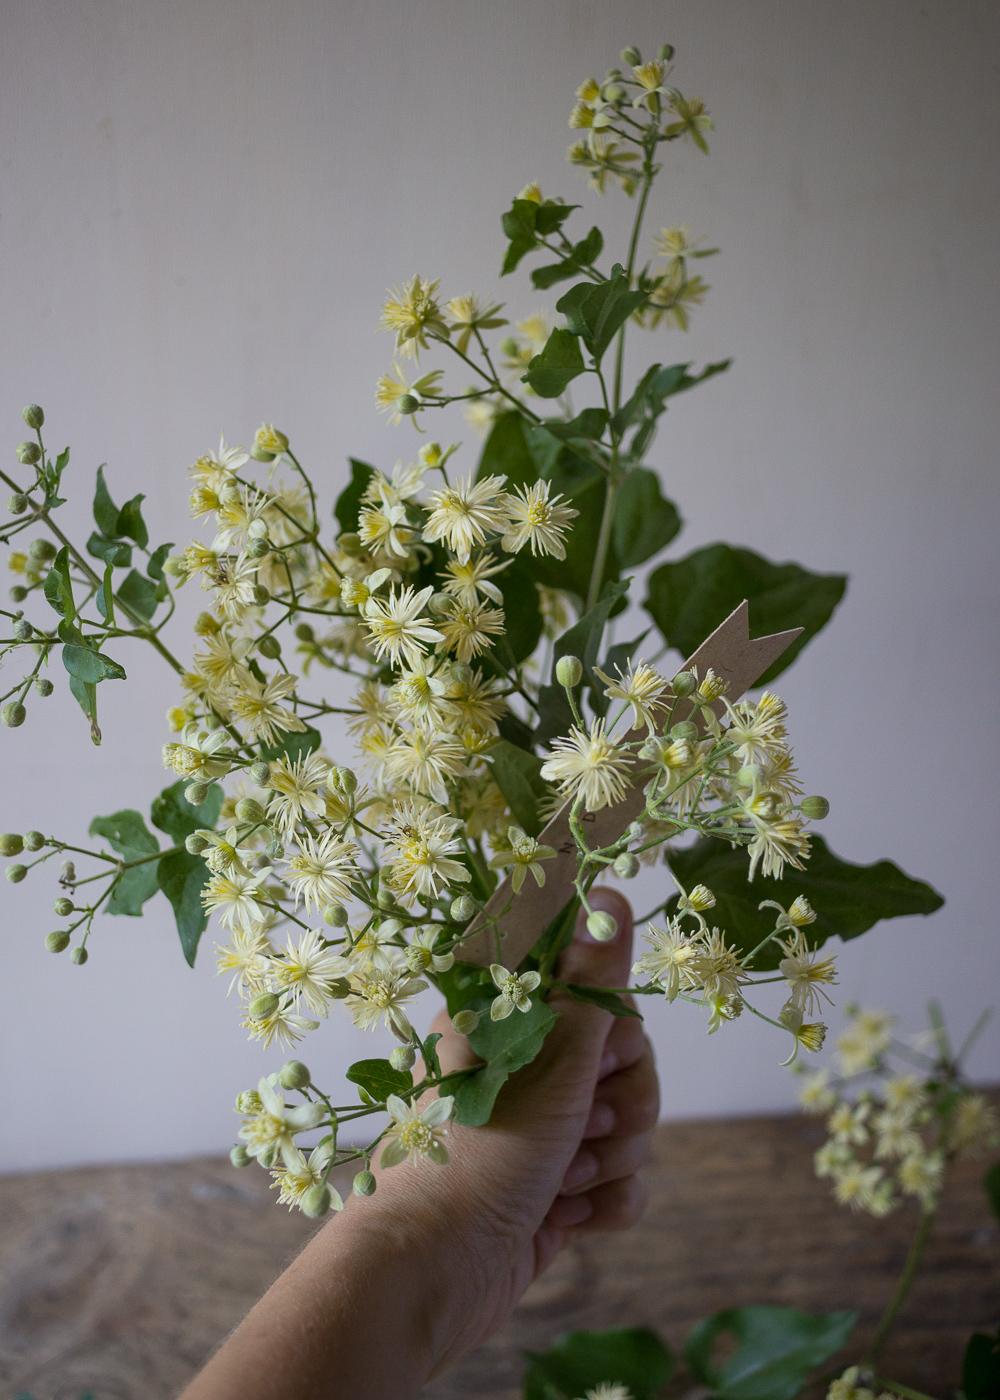 La bellezza dell'estate - I fiori della vitalba - Lily&Sage Design